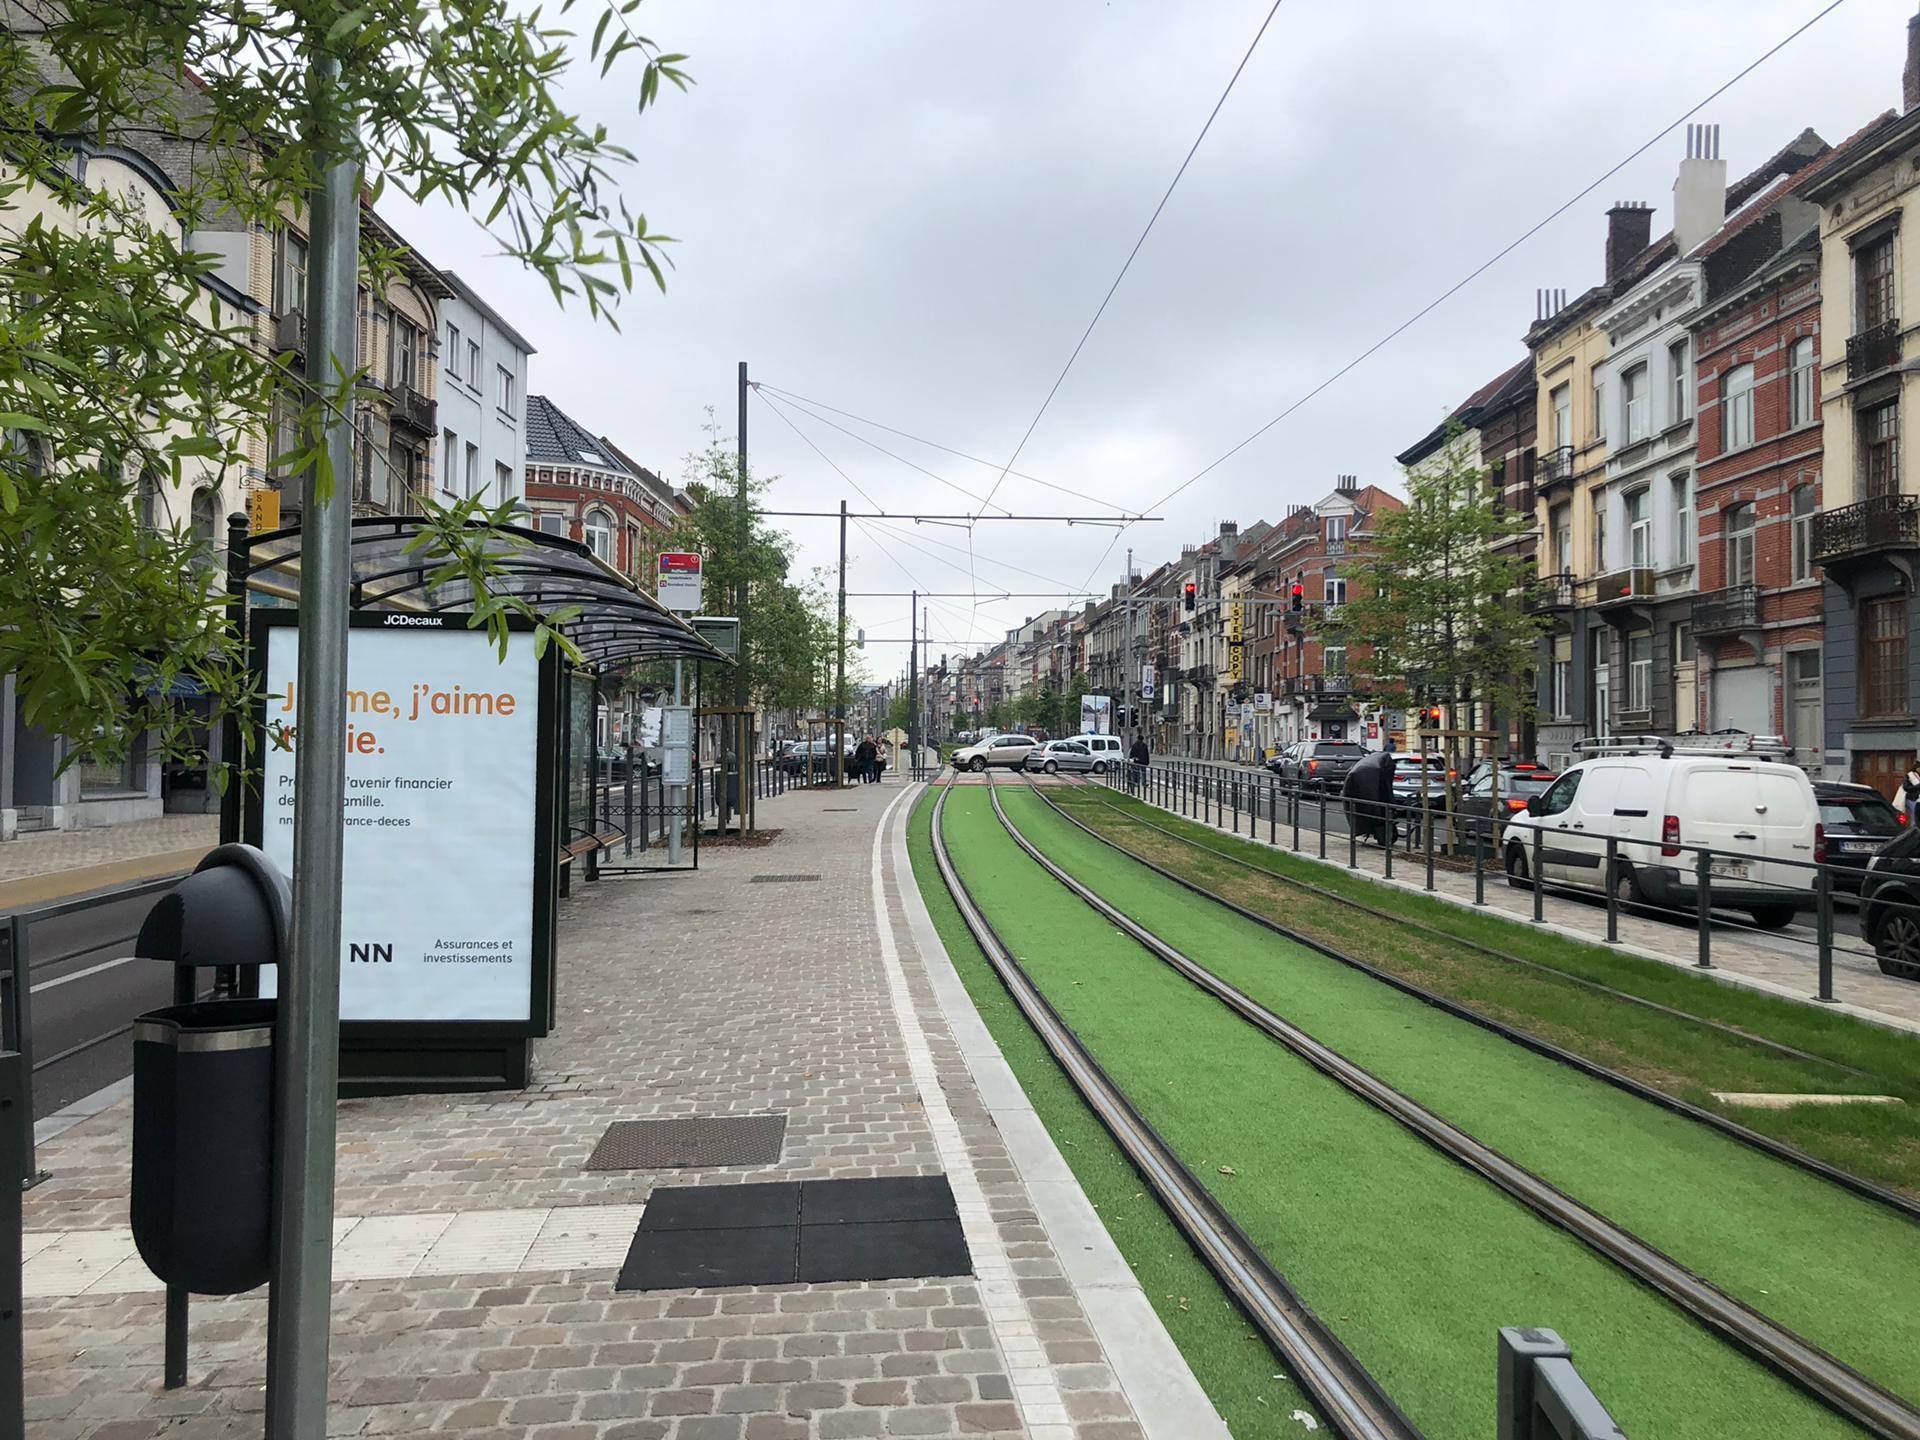 Boulevard Général jacques (23)